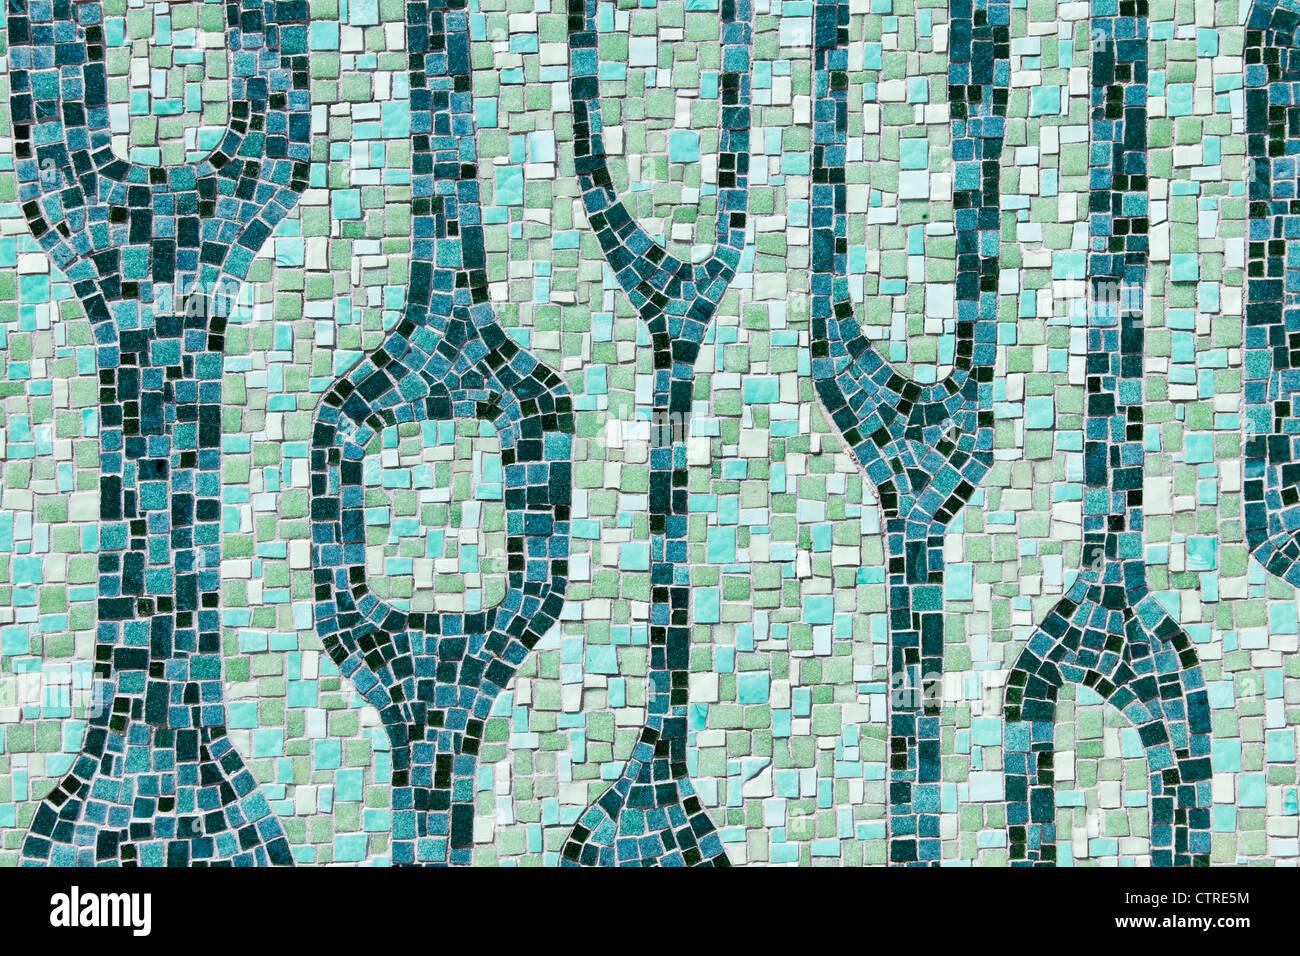 Mosaic on Miami River Walk, Downtown Miami, Florida, USA - Stock Image